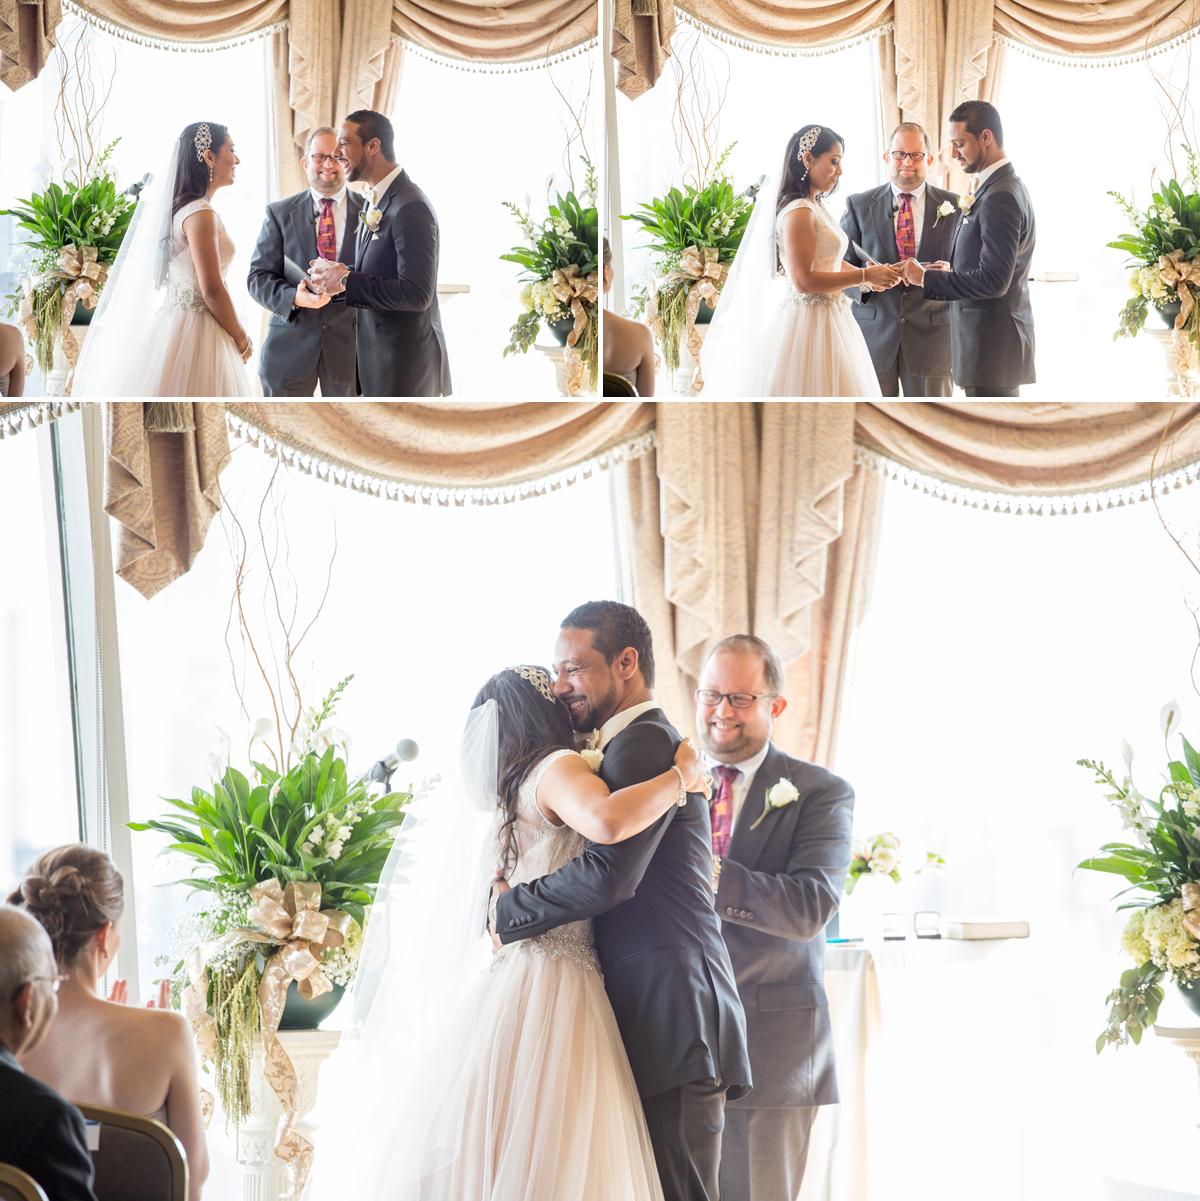 pittsburgh-wedding-photographer-lemont-wedding-overlook-011